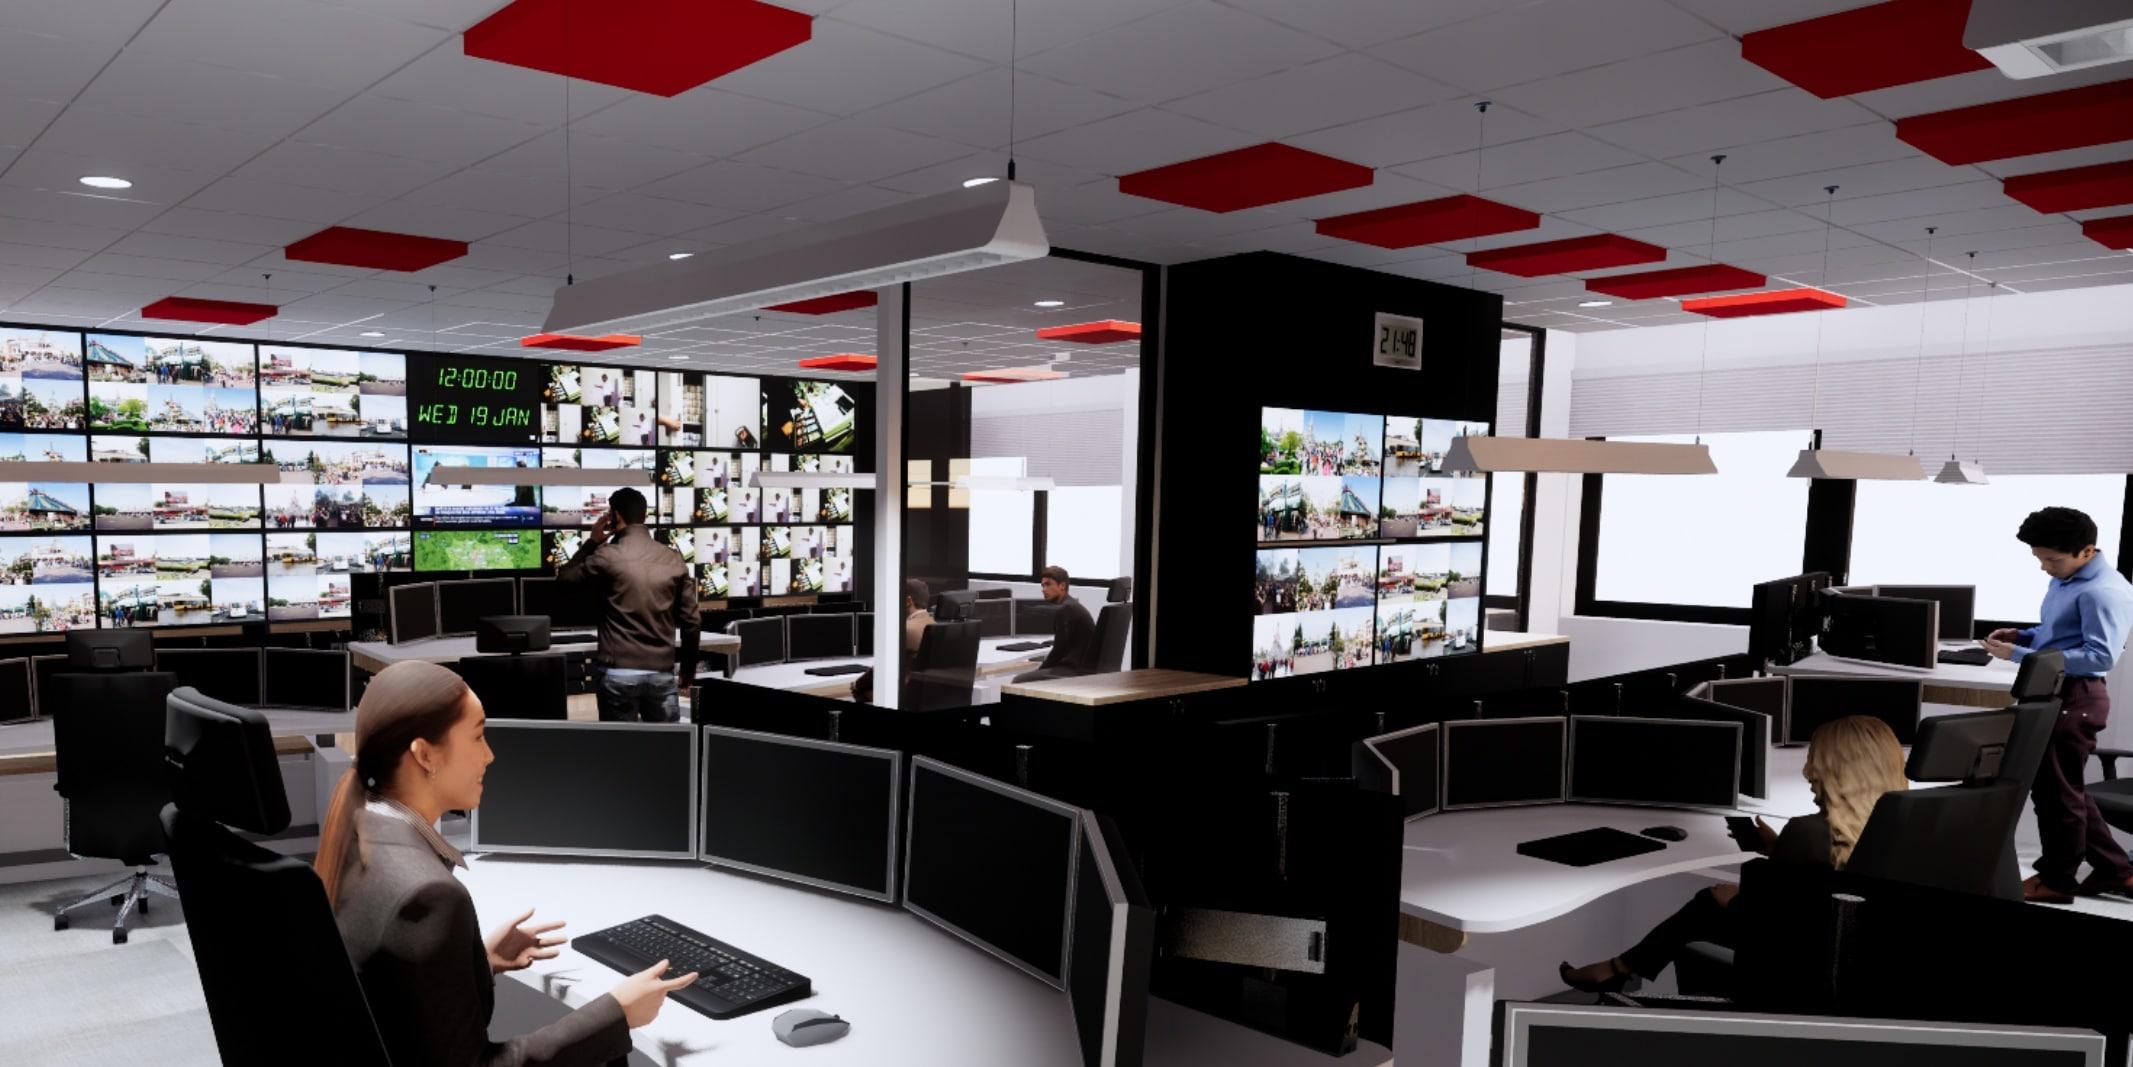 Parc attractionssalle de controle salle de supervision par SOA Agencement bureau d'études pour CSU, entreprises et industriels.